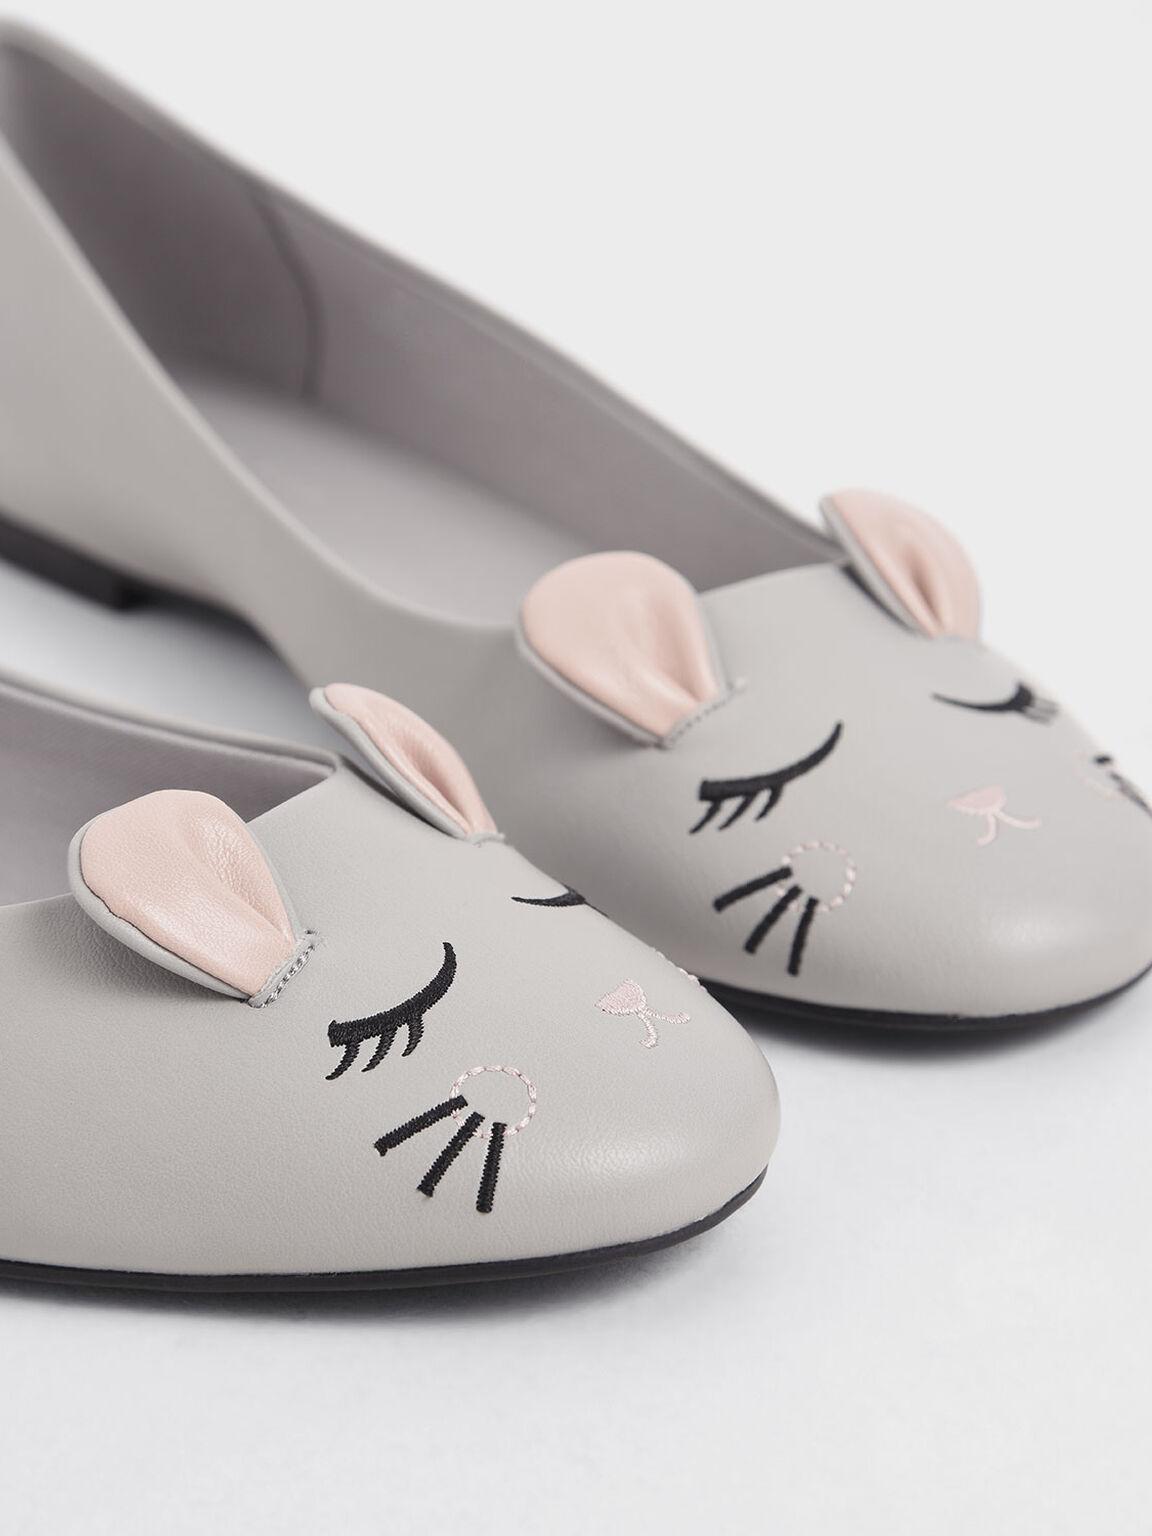 'Rat Zodiac' Ballerina Flats, Grey, hi-res